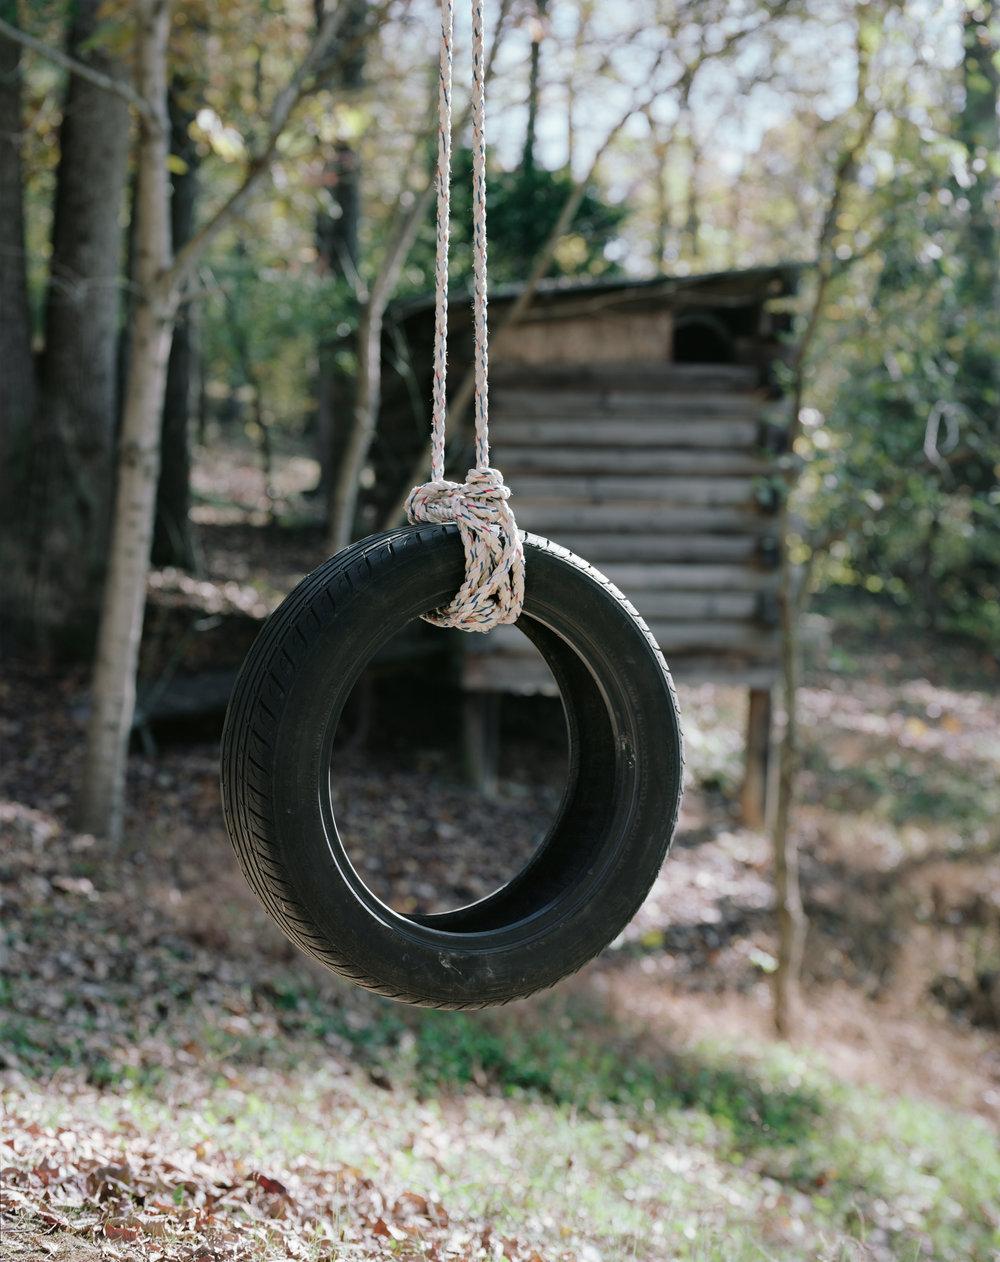 tire-swing(24x30).jpg